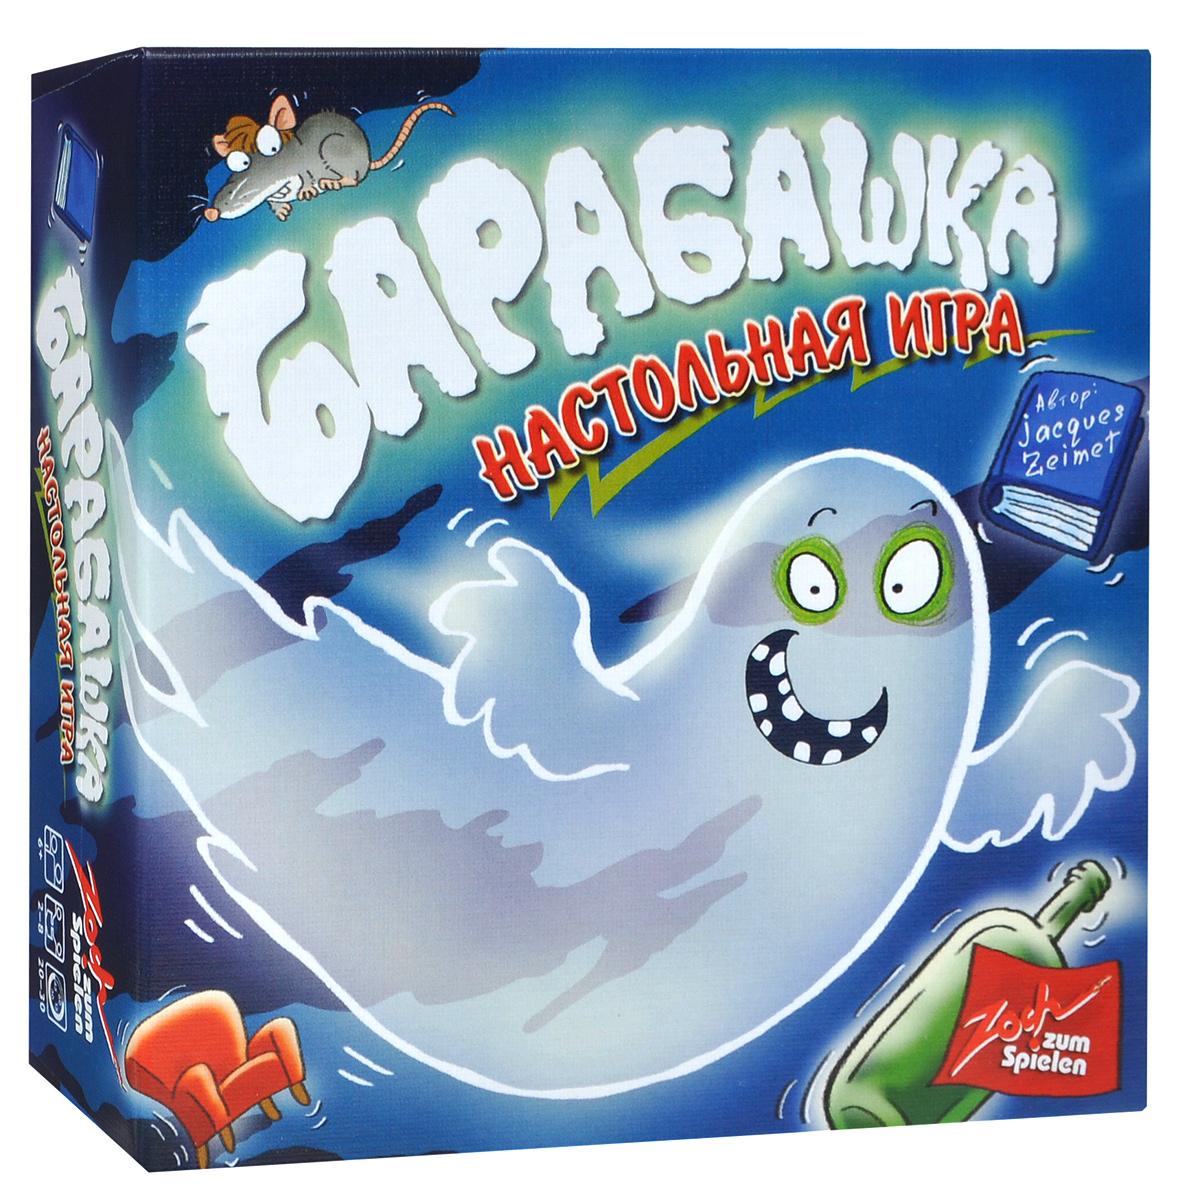 Настольная игра БарабашкаР61775Настольная игра Барабашка (Geistesblitz) - это увлекательное времяпрепровождение для детей. У вас в руках оказались фотокарточки, сделанные каким-то странным фотоаппаратом: фотографируя всего пять предметов, он постоянно путает их цвета. Зелёная бутылка становится красной, красное кресло - белым, а серая мышь - синей! Задача игроков быстро определить по карточкам признаки какого предмета там отсутствуют или, наоборот, какой предмет получился абсолютно таким же, как в реальности. А потом быстро схватить этот предмет или назвать! Барабашка - быстрая и веселая игра на реакцию. Попробуйте не запутаться в этом беспорядке! В комплект игры входят: фигурка привидения, кресло, бутылка, книга, фигурка мышки, 60 карт и правила игры на русском языке. Количество: 2-8 игроков. Время игры: 20-30 минут.